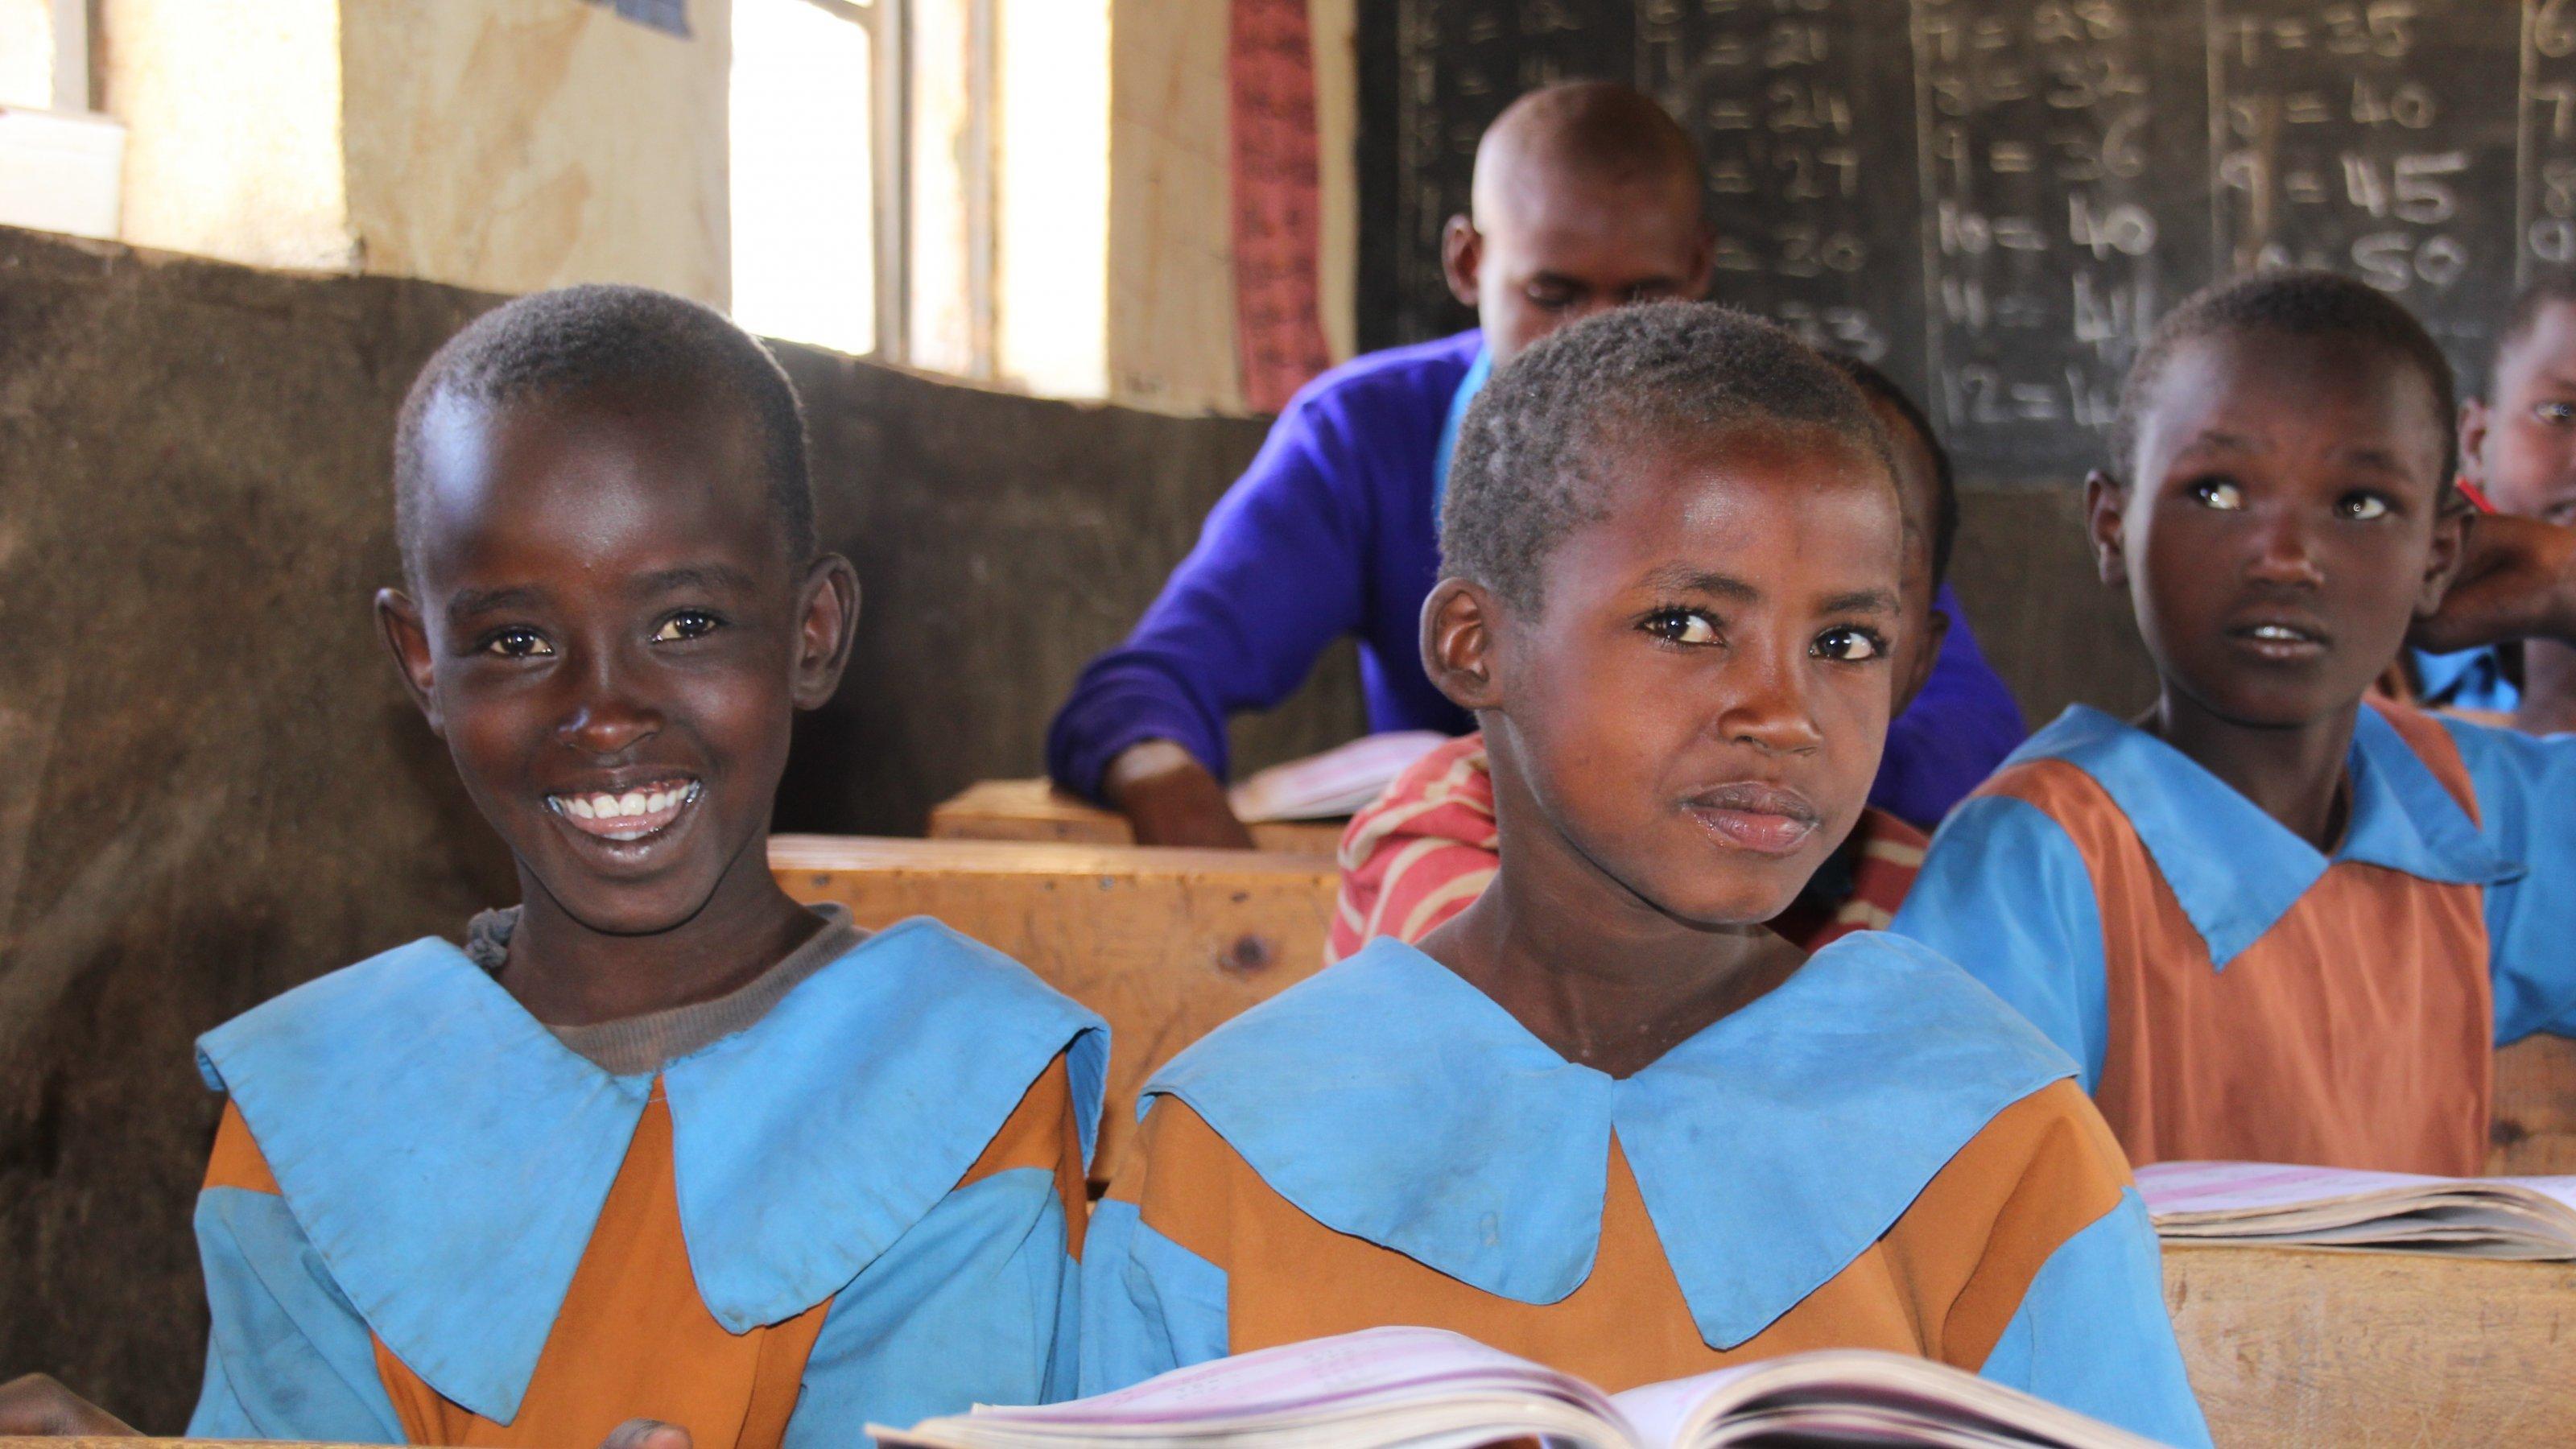 Schülerinnen und Schüler sitzen in blauen Schuluniformen in Holzbänken, gucken in die Kamera. Im Hintergrund ist die Tafel mit Rechenaufgaben zu sehen.